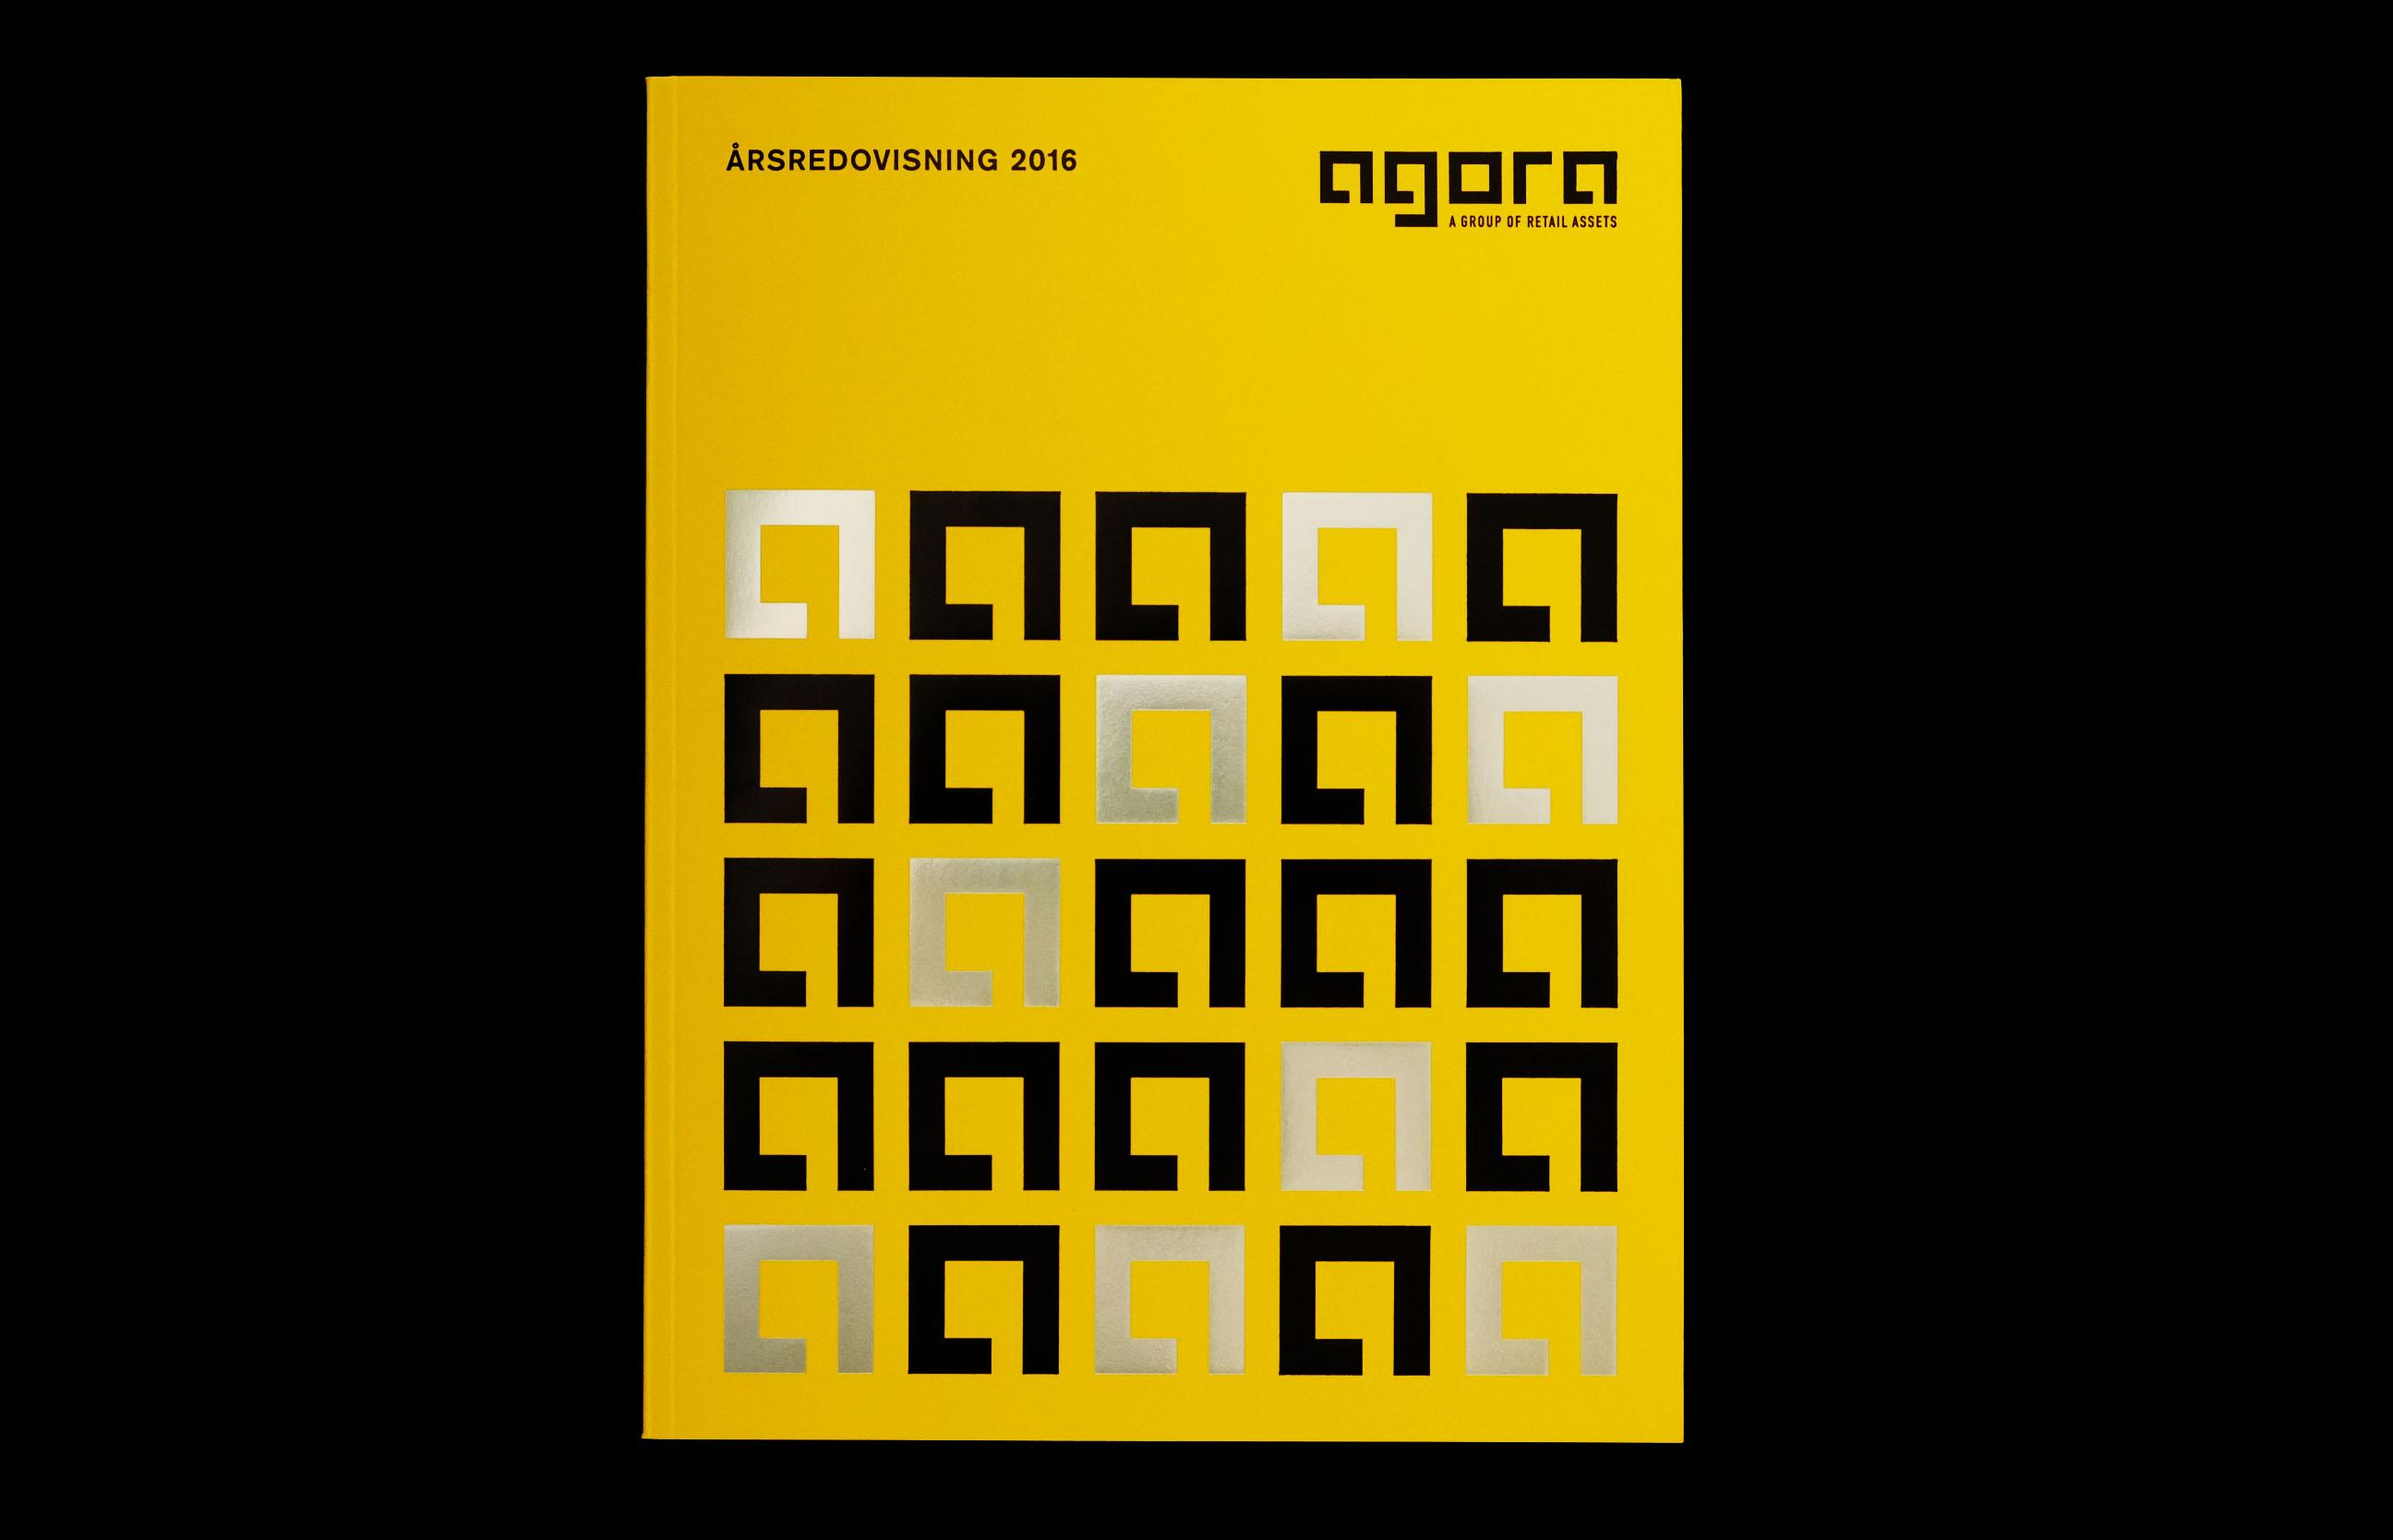 Agora Annual Report 2016